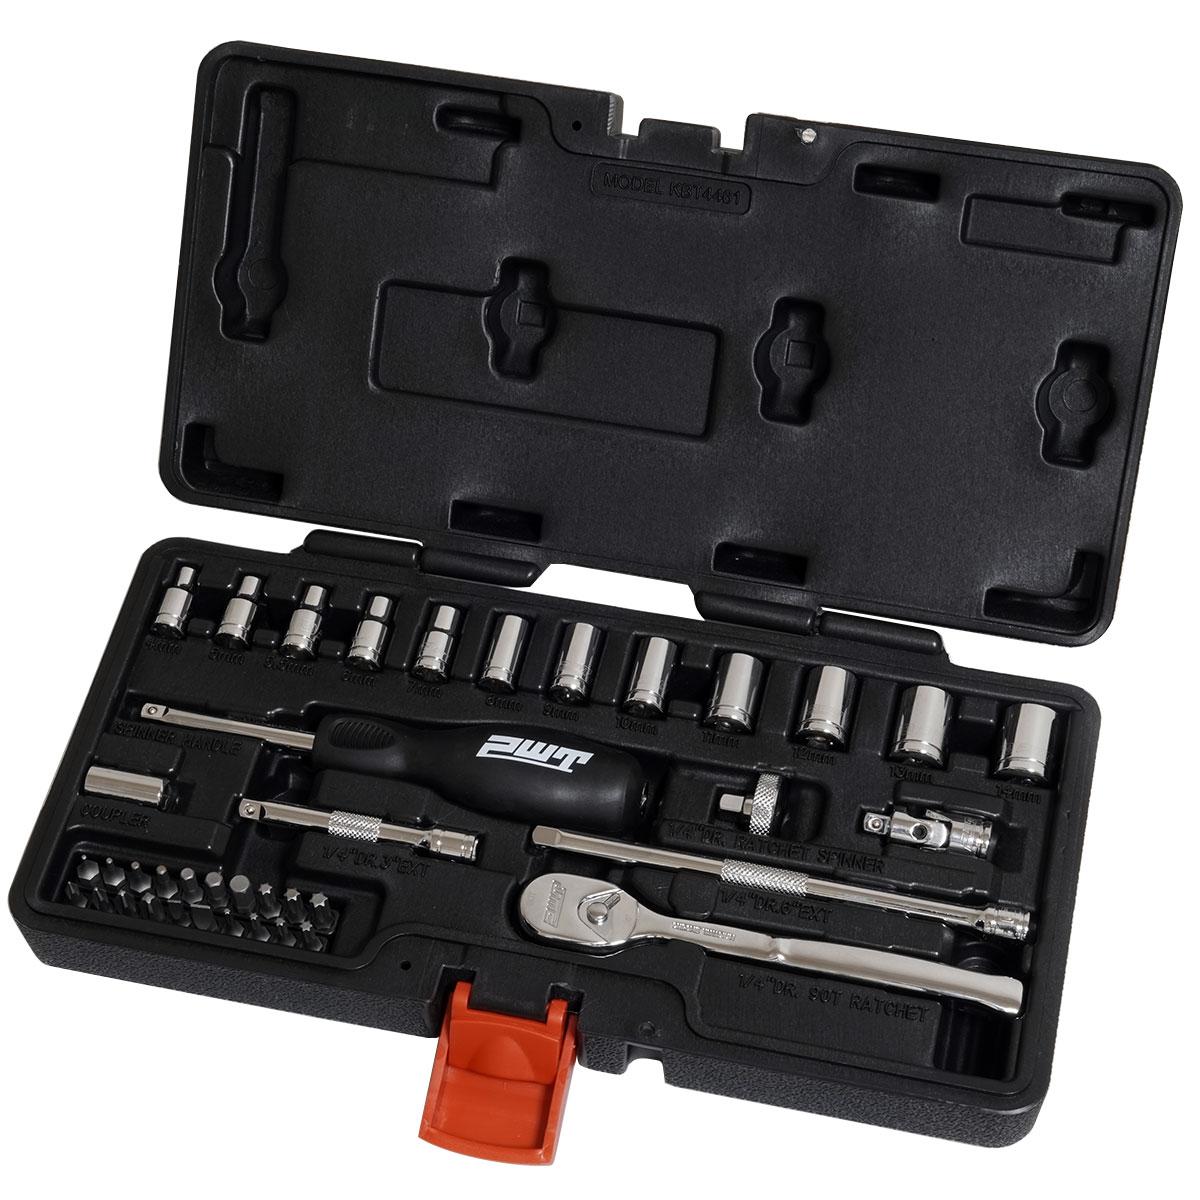 PWT ソケットレンチセット ラチェットレンチ 差込角6.35mm(1/4インチ) 工具 道具 セット 39ピース